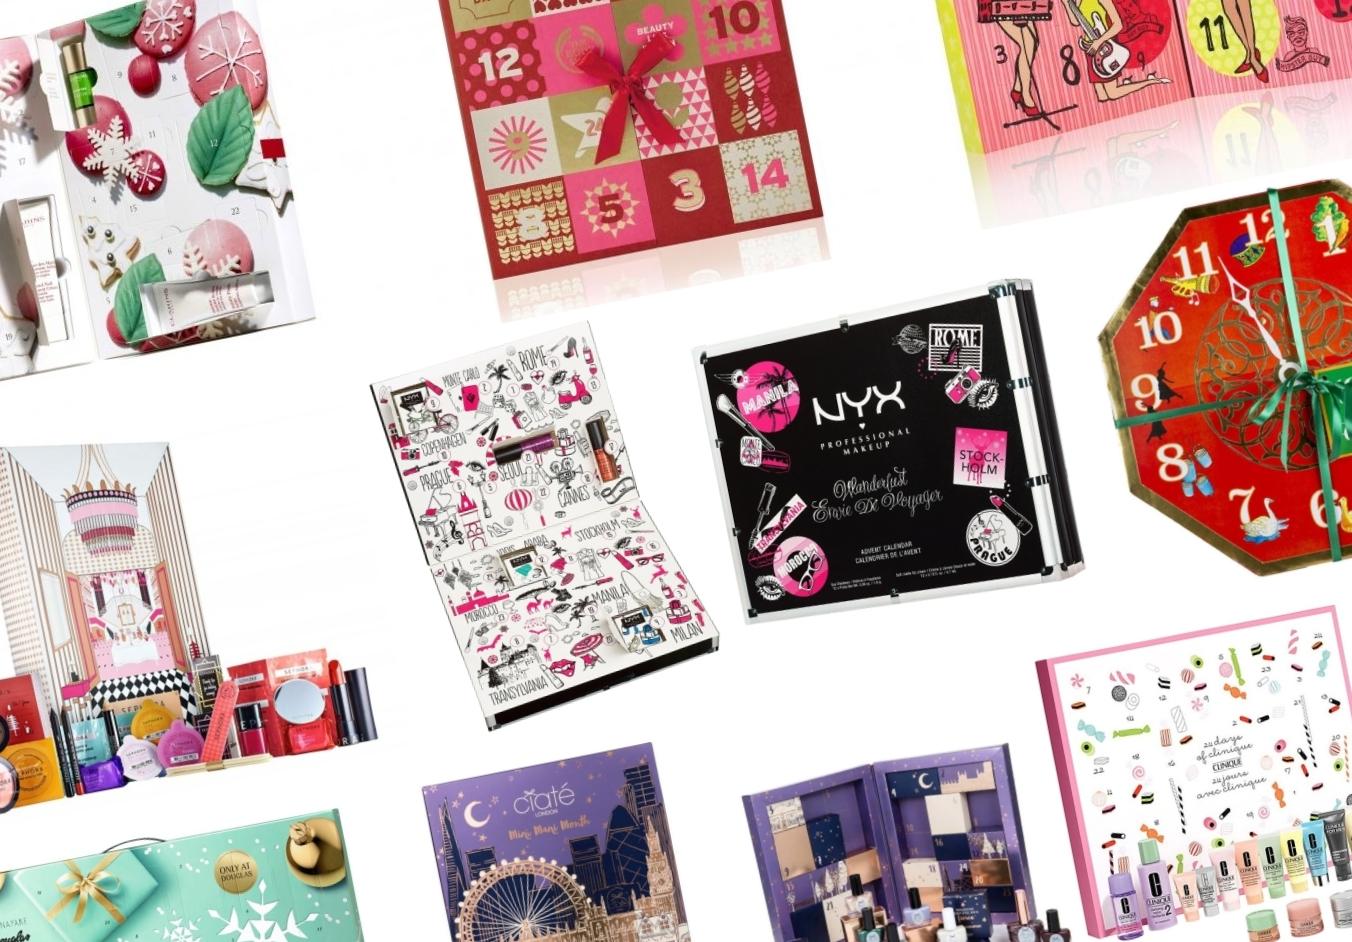 9fee5ffe1d47 Kosmetyczne kalendarze adwentowe 2016  ) - Piękny blog